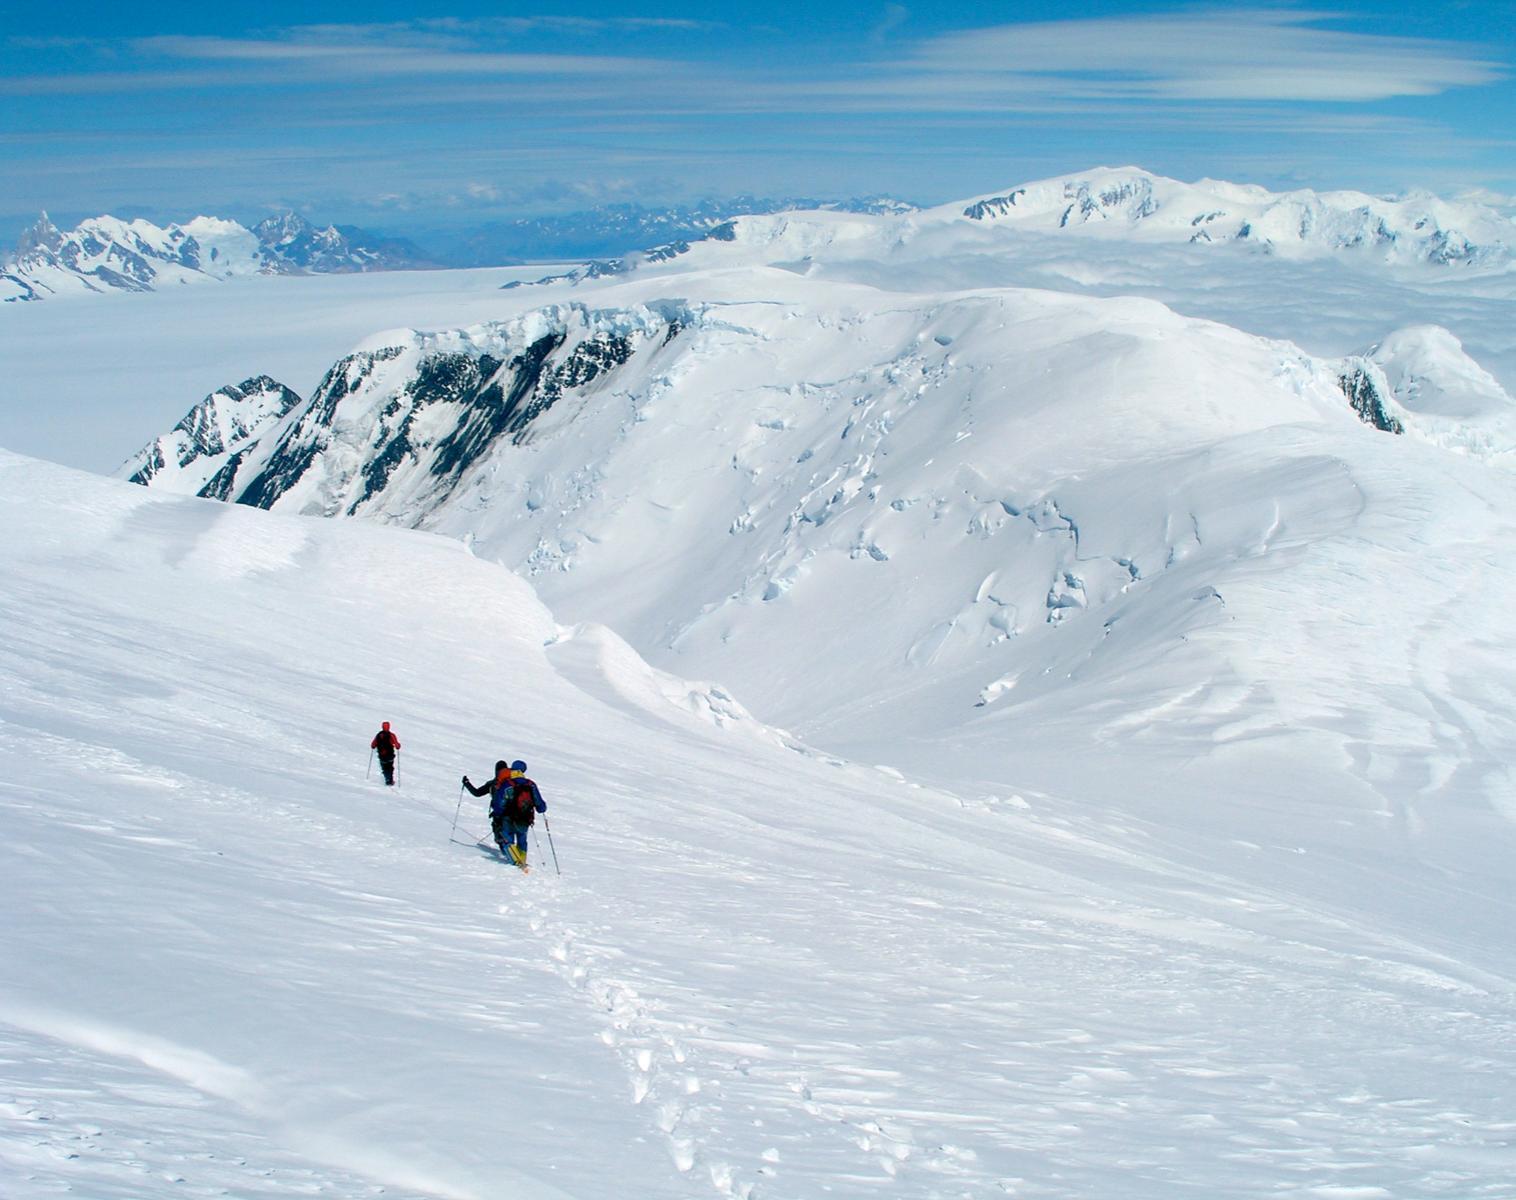 Patagonie  Expédition MAEWAN Sur le Hielo Patagonico Sur : Objectif Lautaro   Ski & Pulka